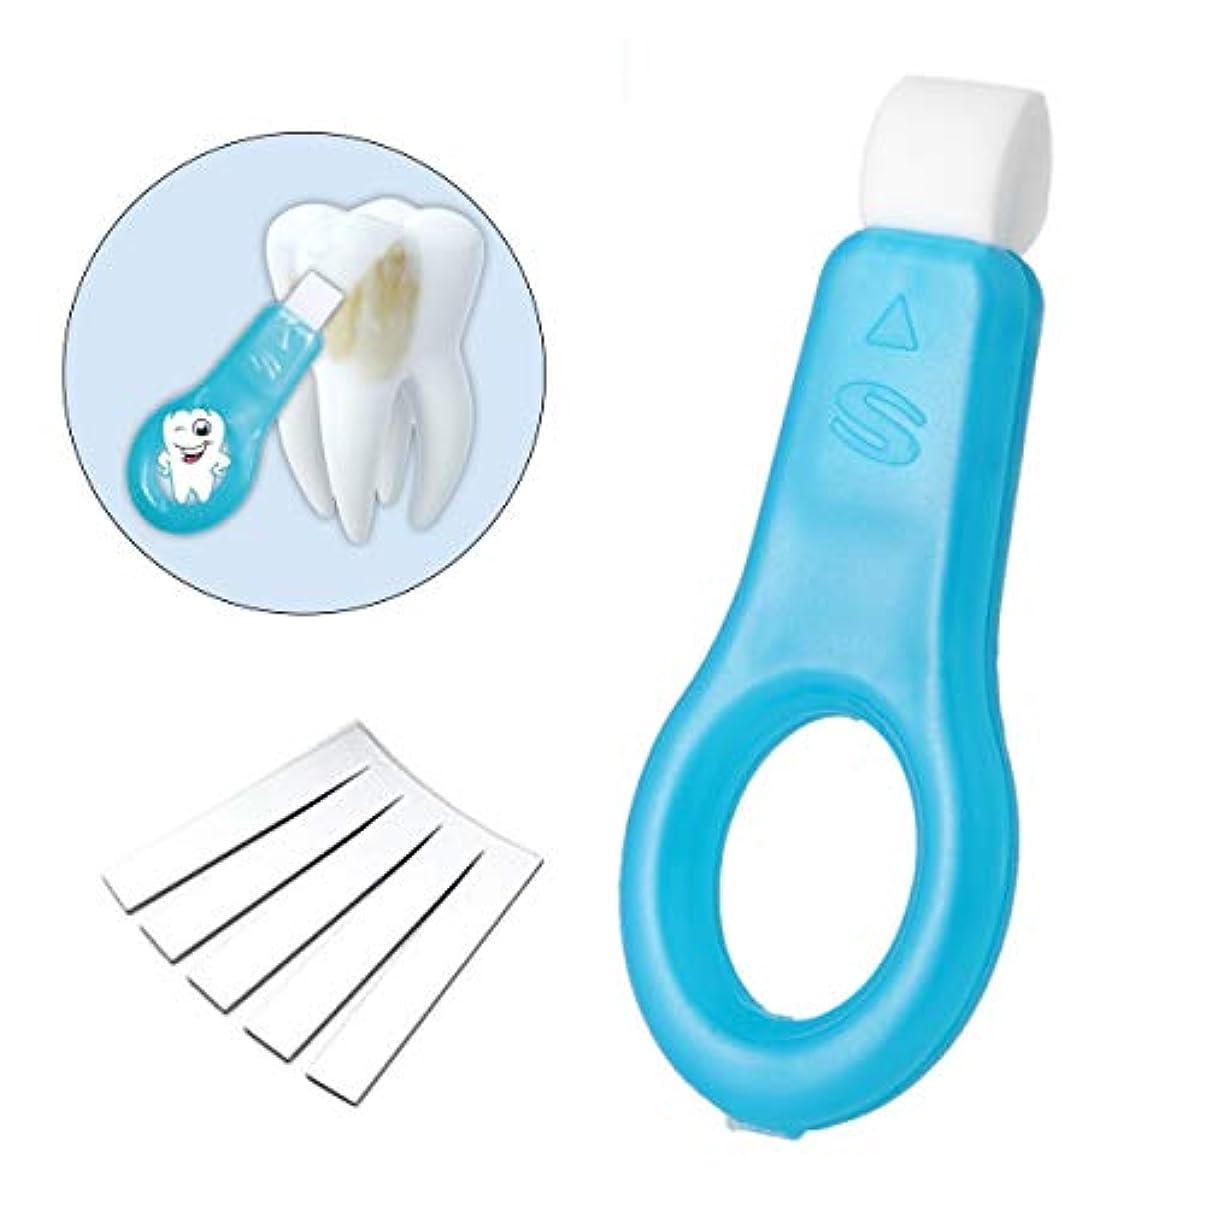 論争的放射性衝動Ourine 歯 消しゴム ピーリングスポンジ ホームケア用 ホワイトニング ブラシ歯をきれいにするキット 本体 (ブルー)+替えスポンジ5枚 セット (青)